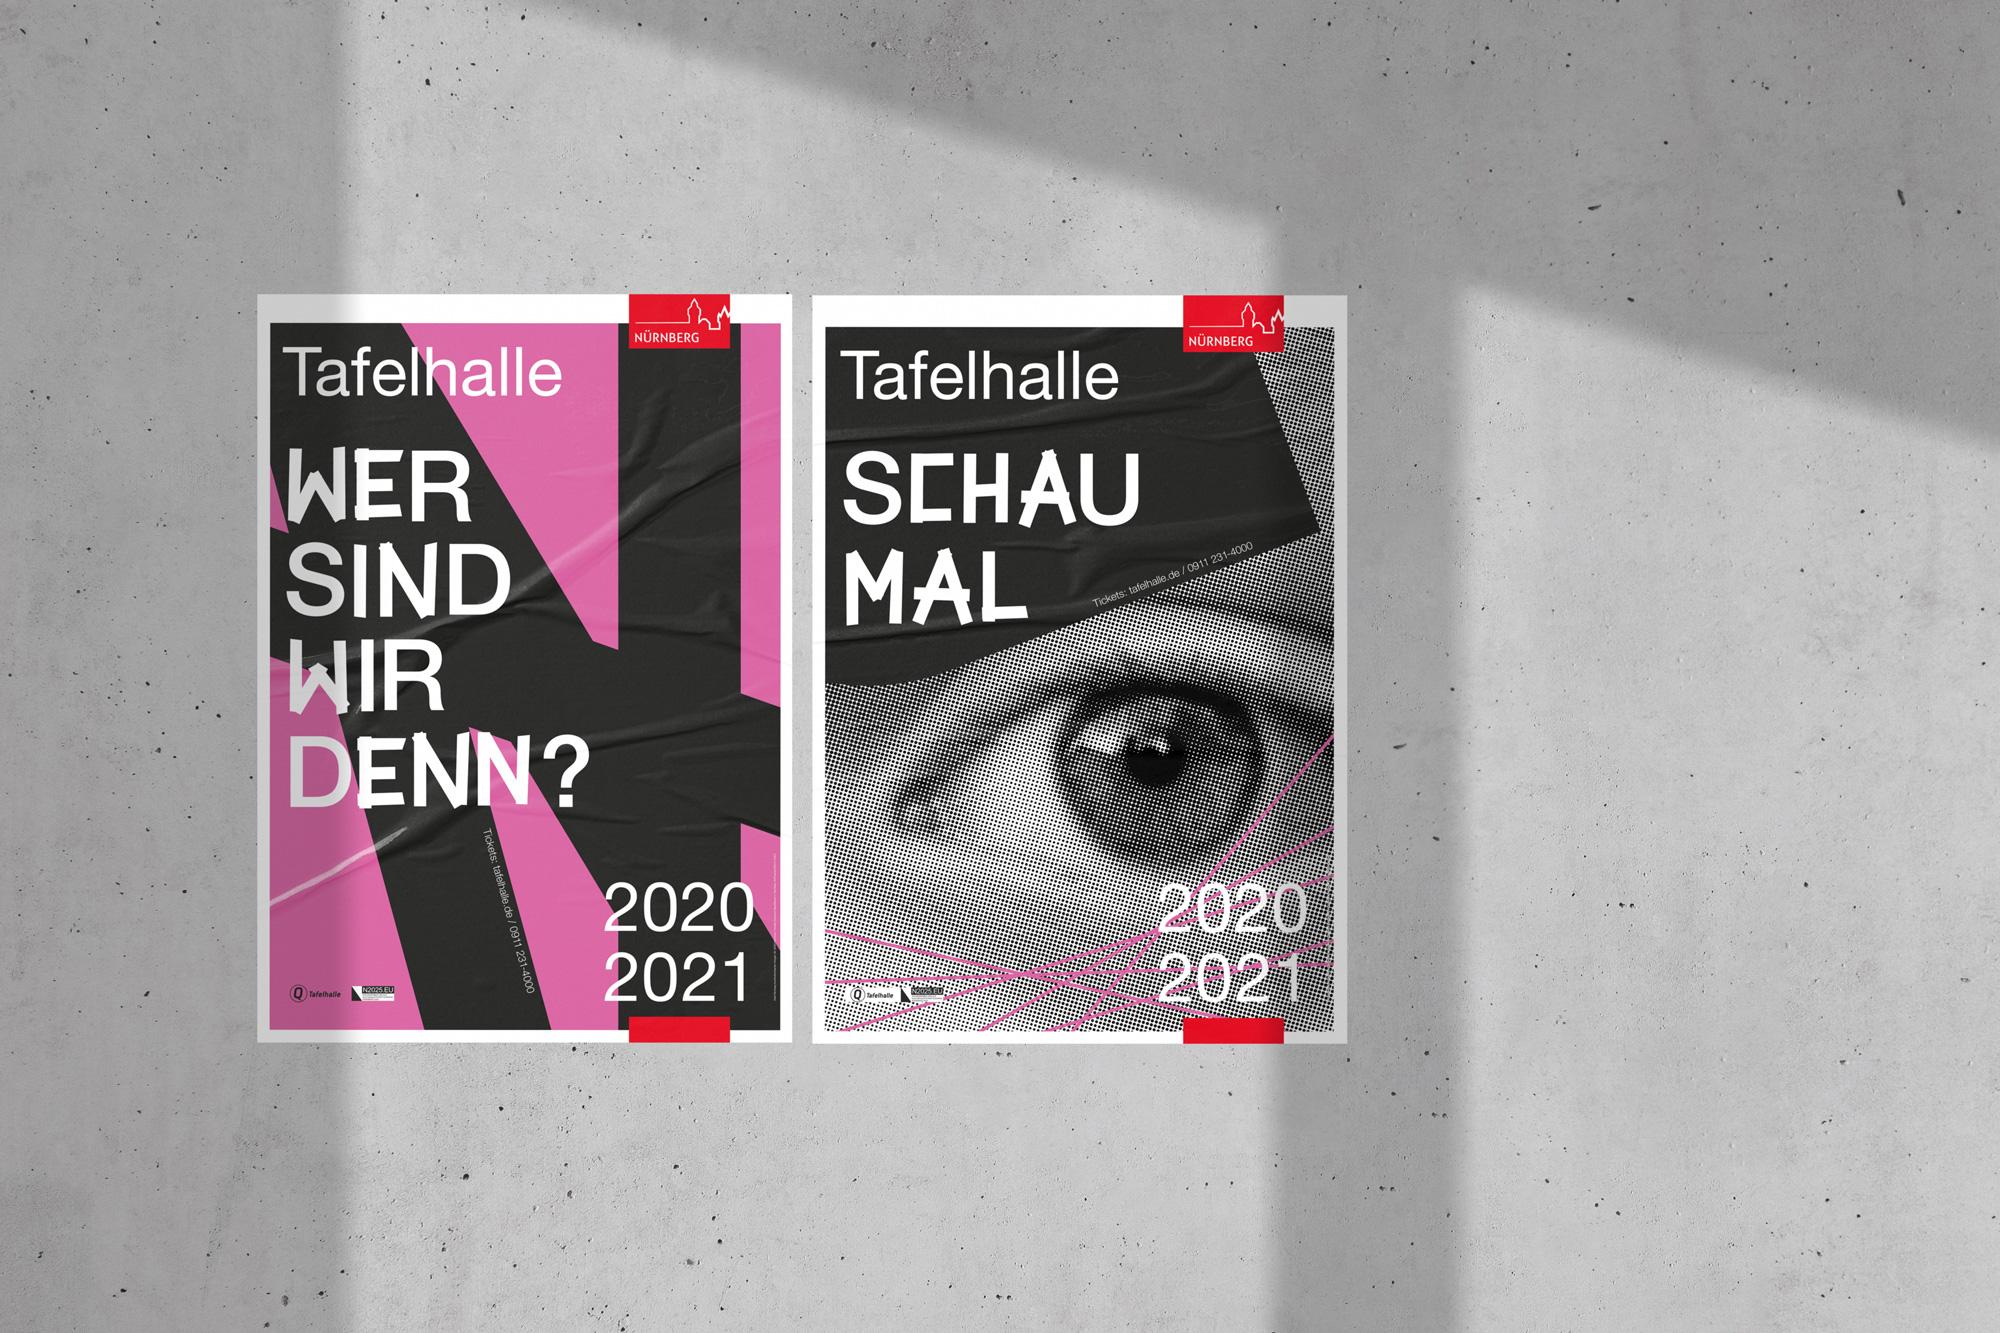 planx-Tafelhalle-Spielzeit2020-21-Plakate-Duo-01